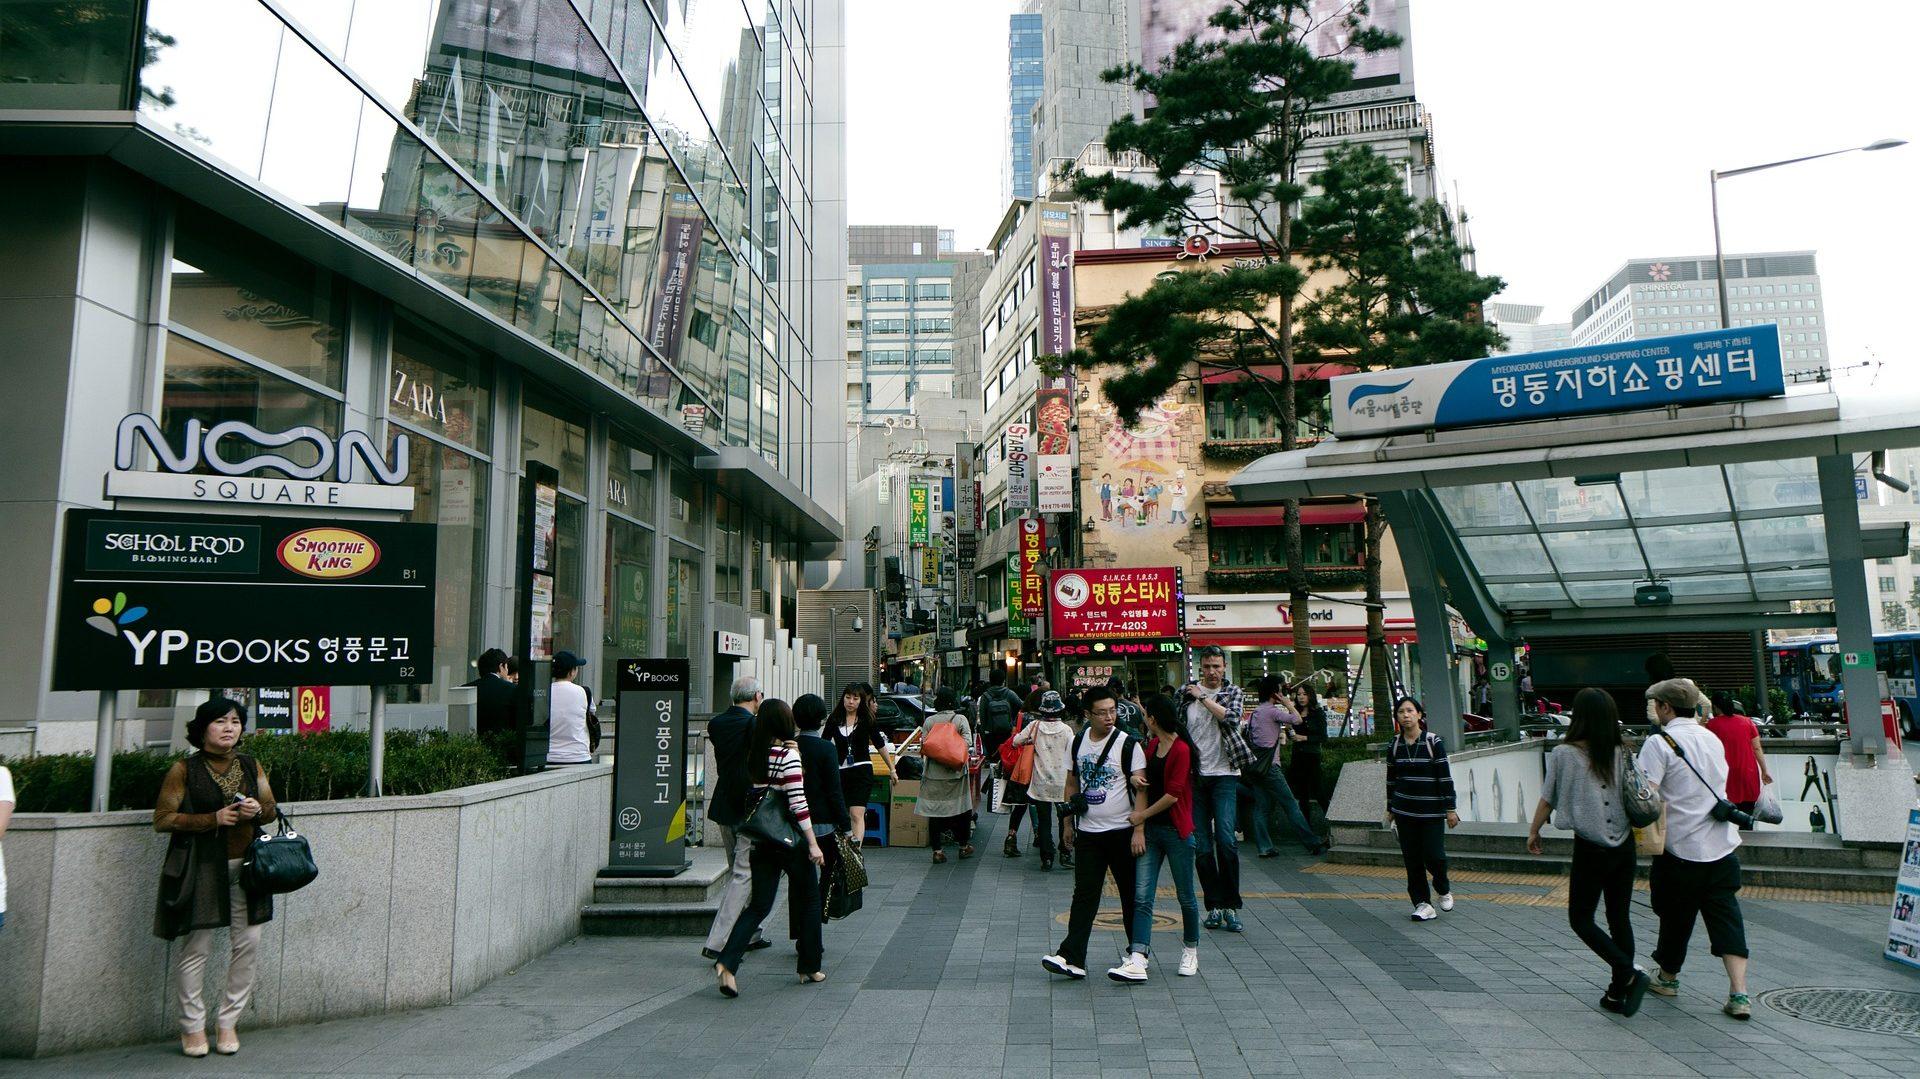 ソウル旅行で役立つ韓国語の地名や観光スポットの読み方20選 Fun